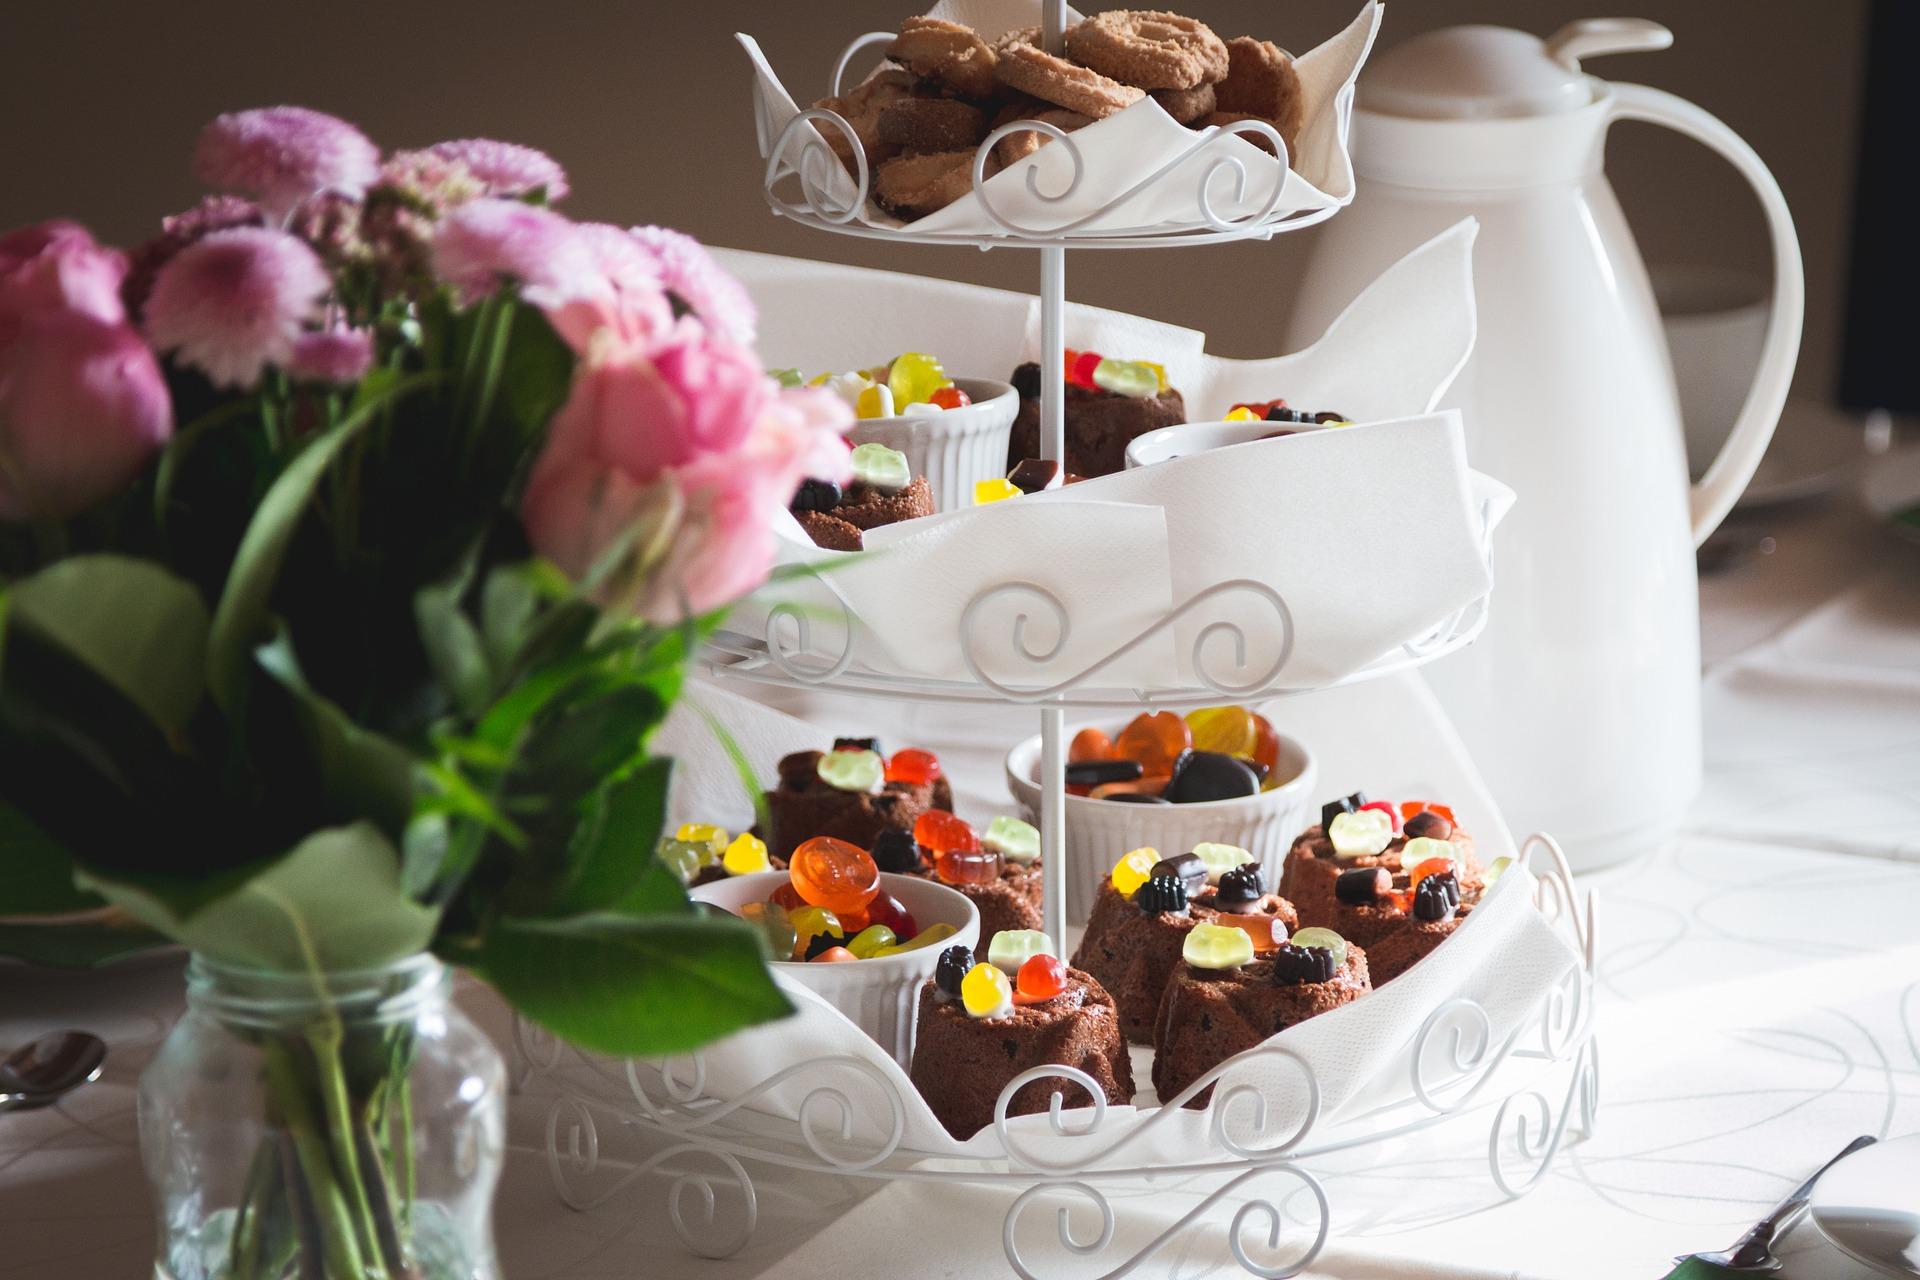 Recette de crème au chocolat pour cupcake